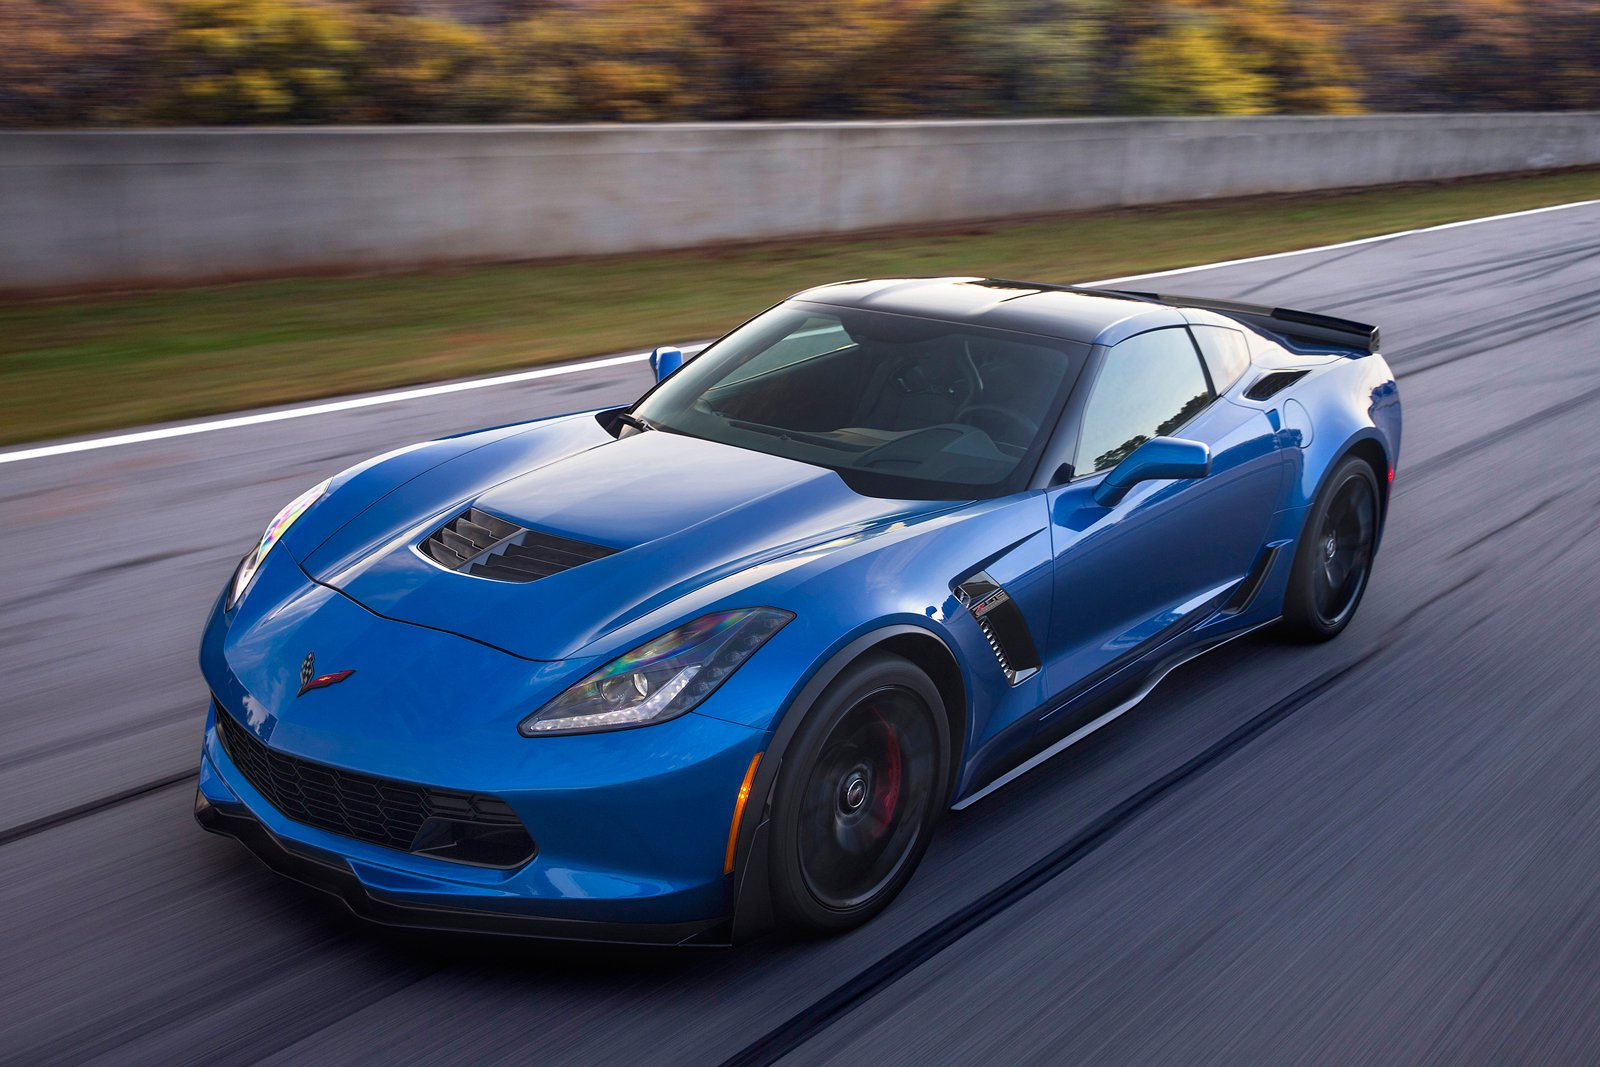 Los propietarios de un Corvette prefieren la caja automática: Sólo un 23% eligen la caja manual 2